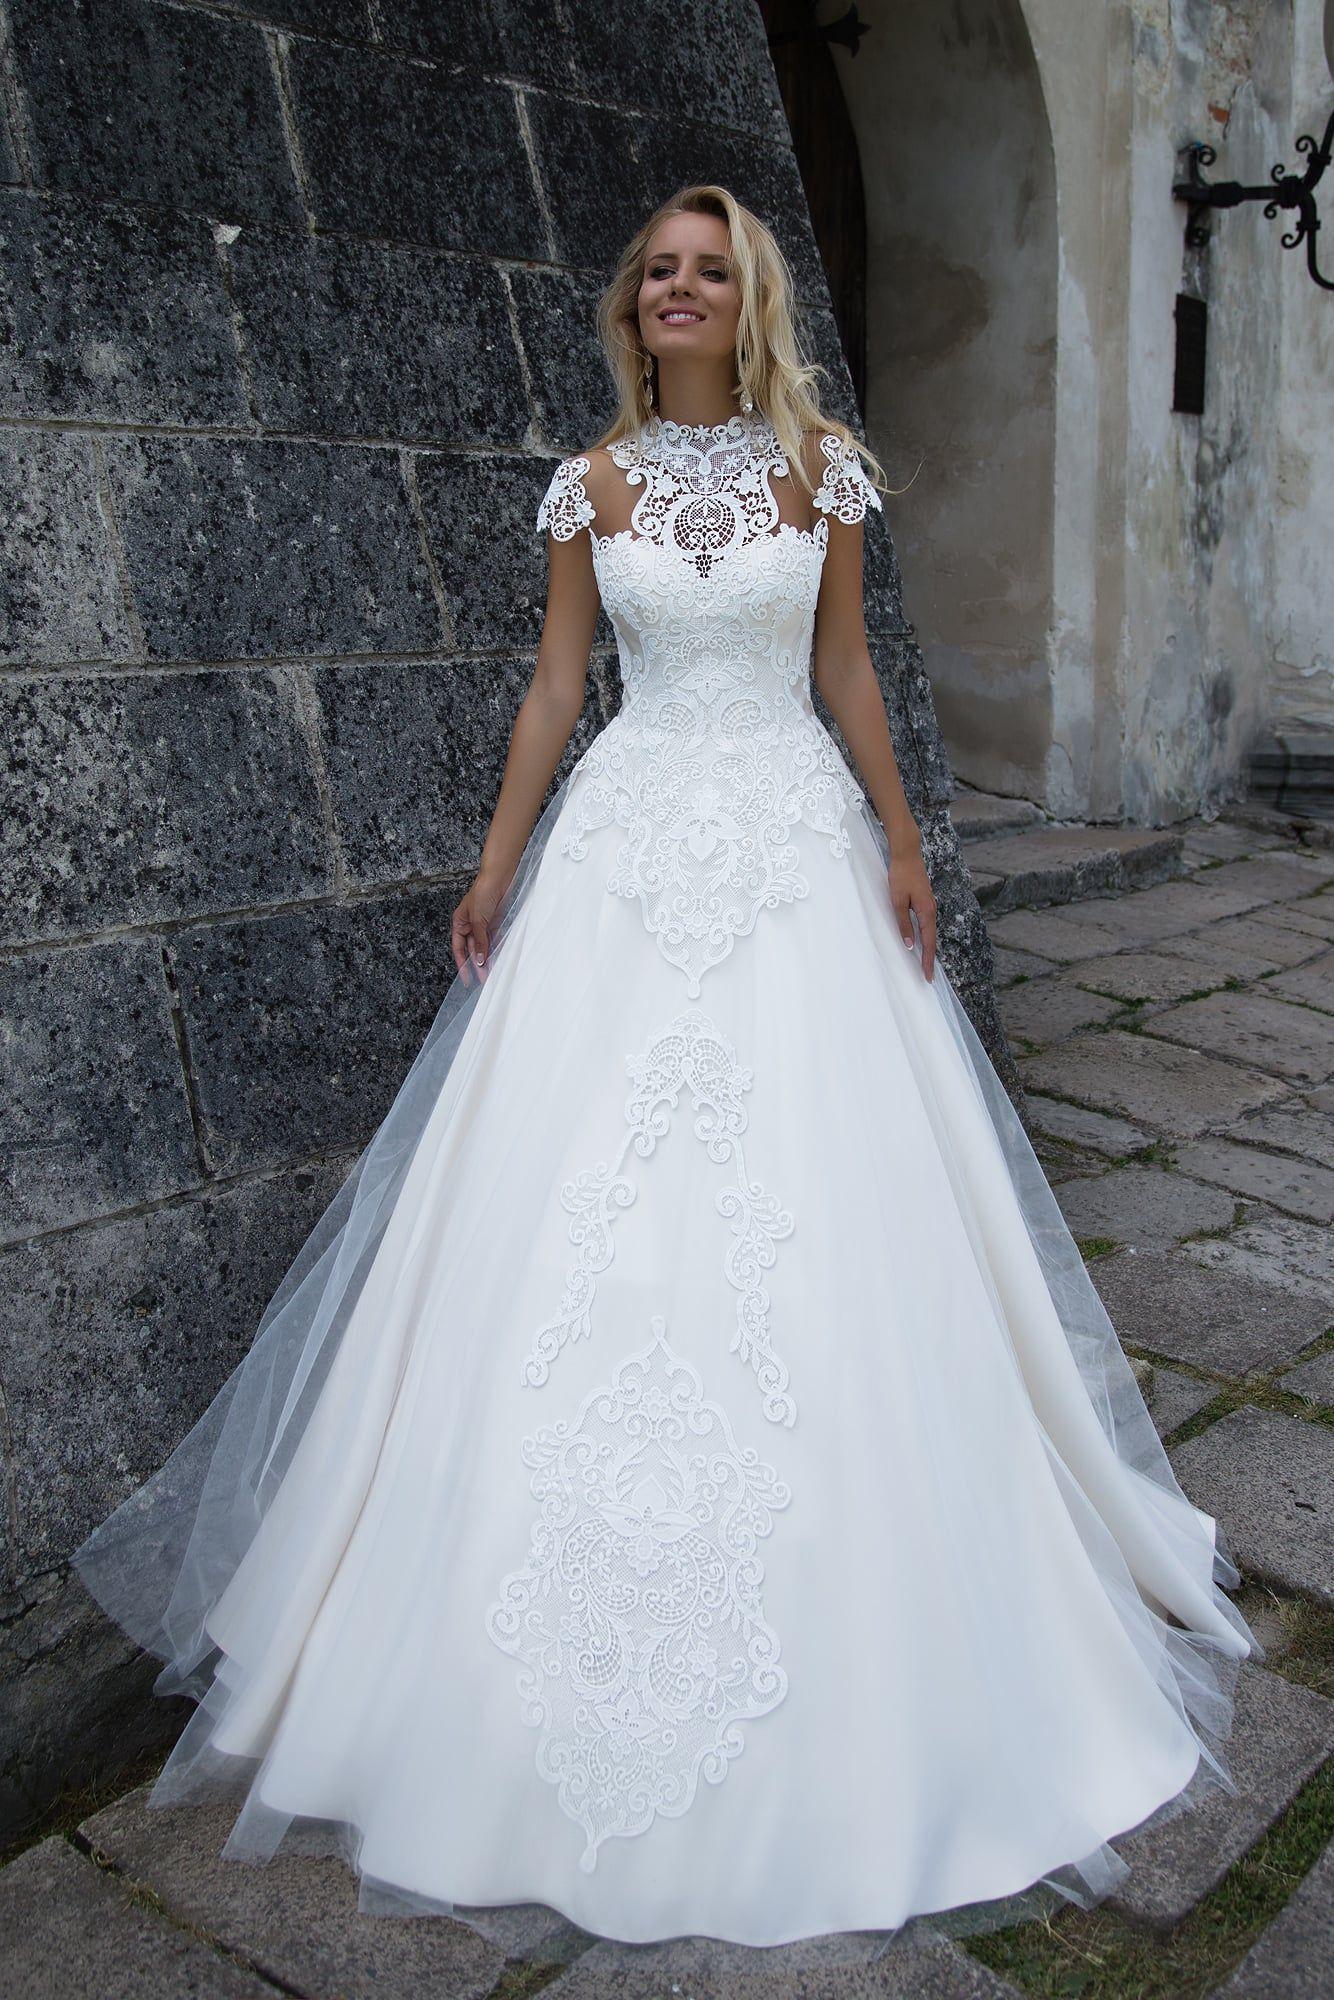 d8480517573c525 Свадебное платье Оксана Муха Anetta ▷ Свадебный Торговый Центр Вега в Москве